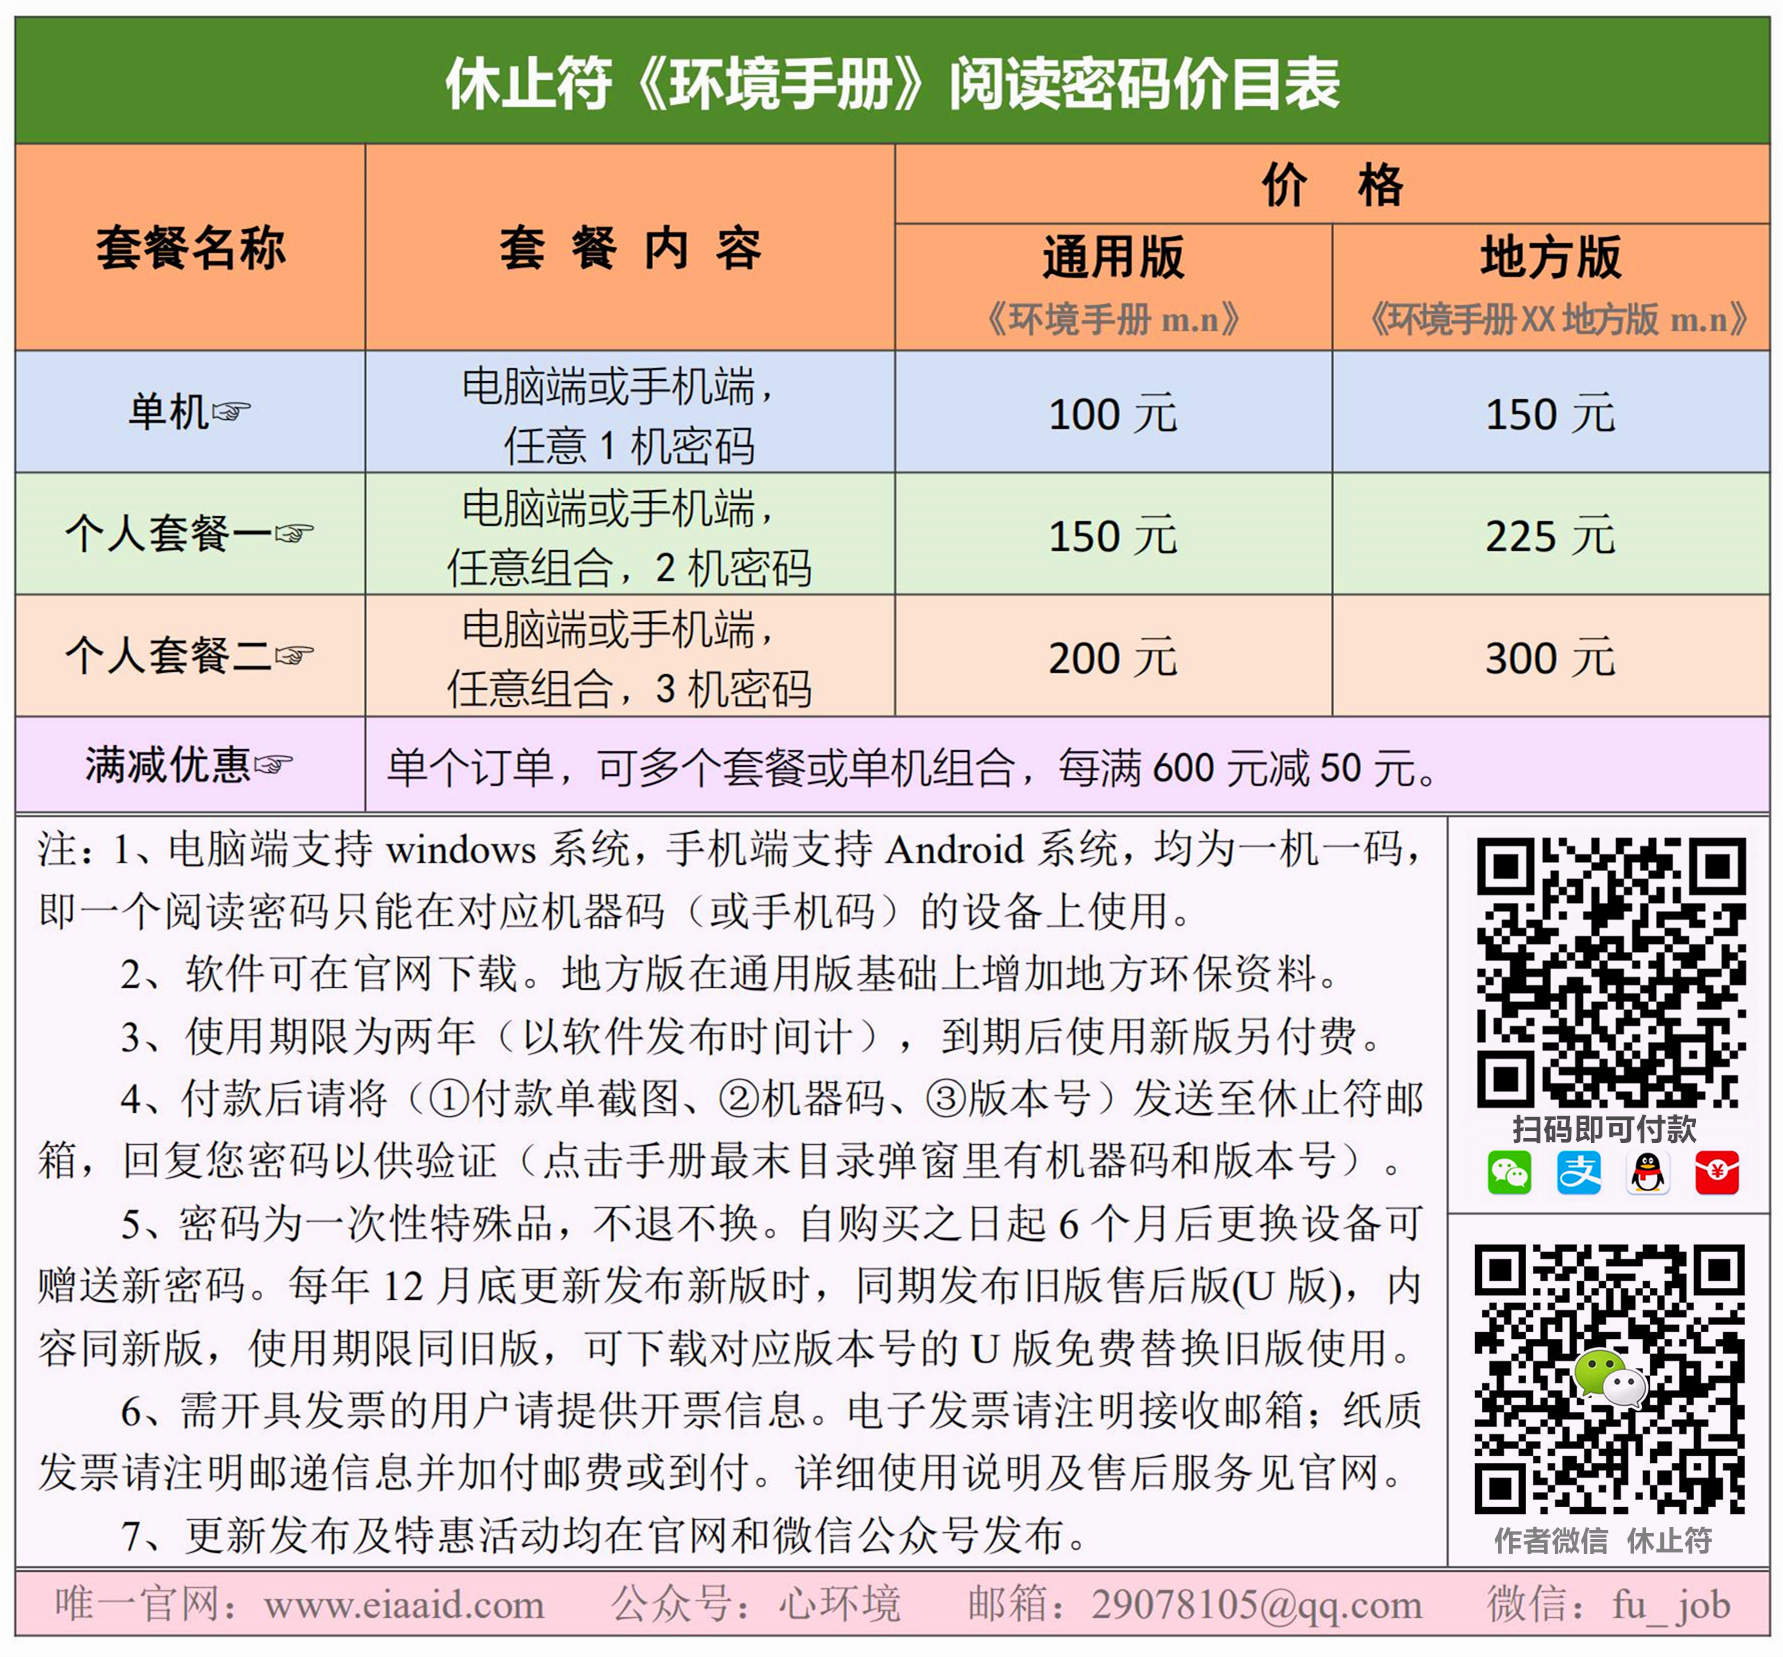 环境手册价目表NEW.jpg